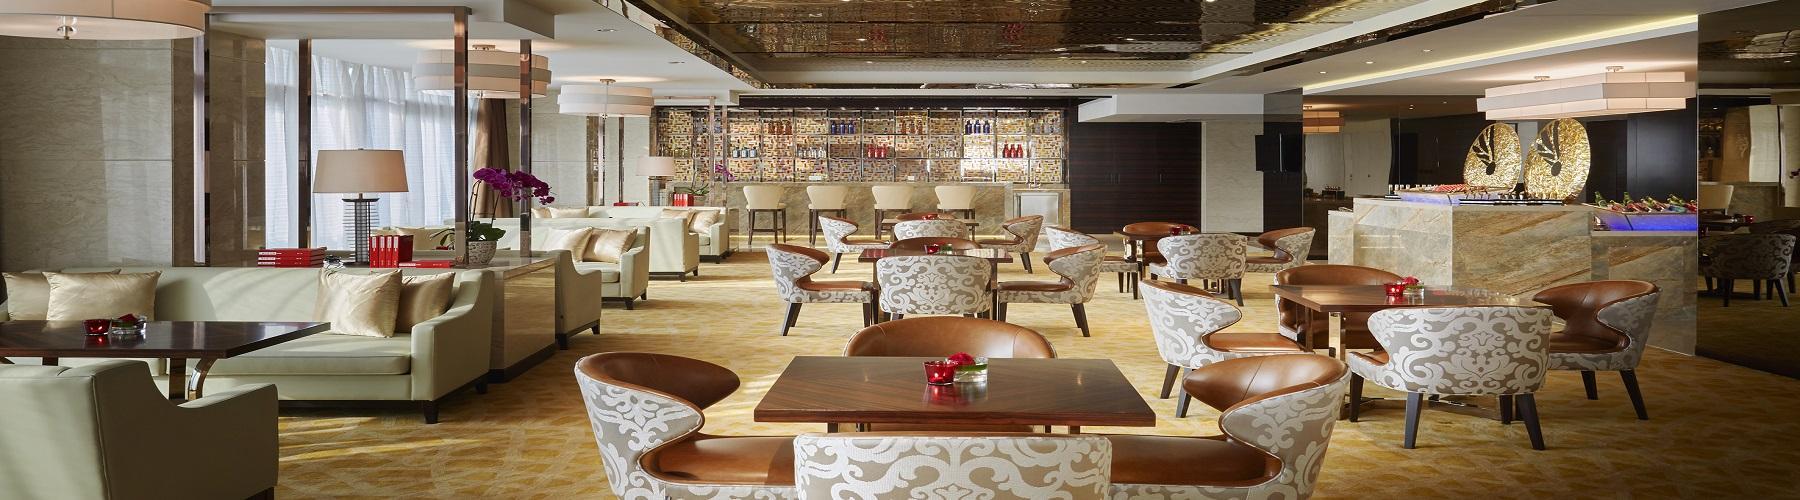 Китай отель Gran Melia Xian